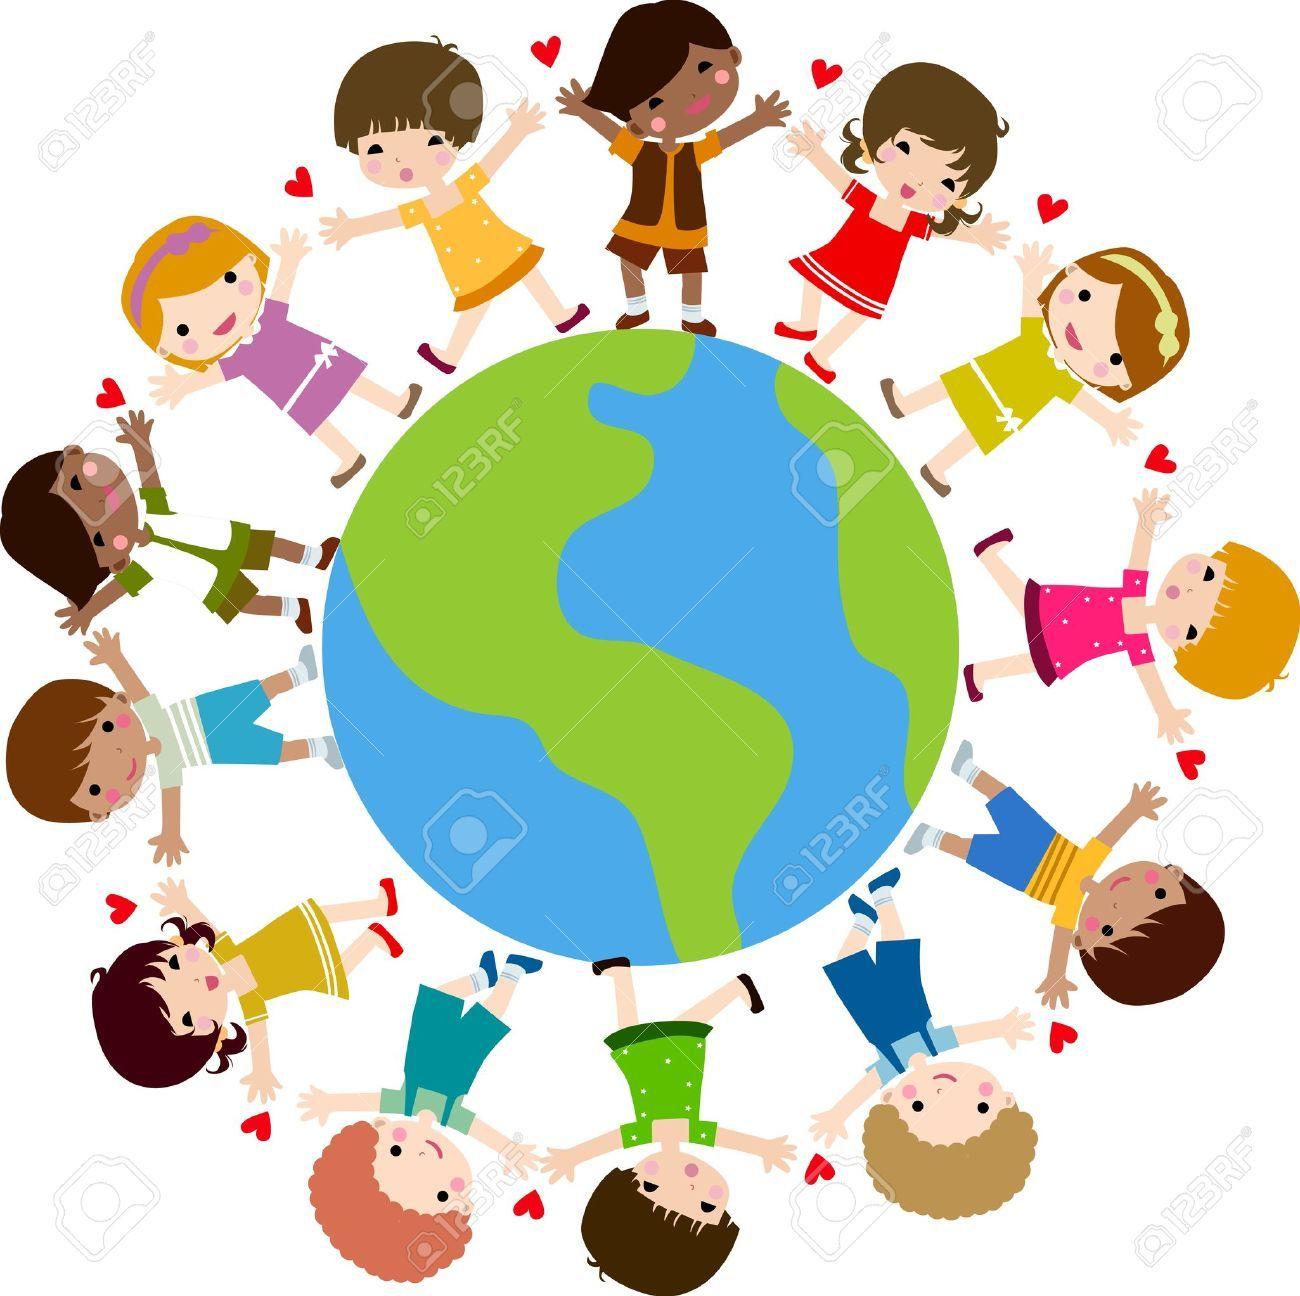 Children around the world clipart clip art freeuse stock Children around the world clipart free 1 » Clipart Portal clip art freeuse stock